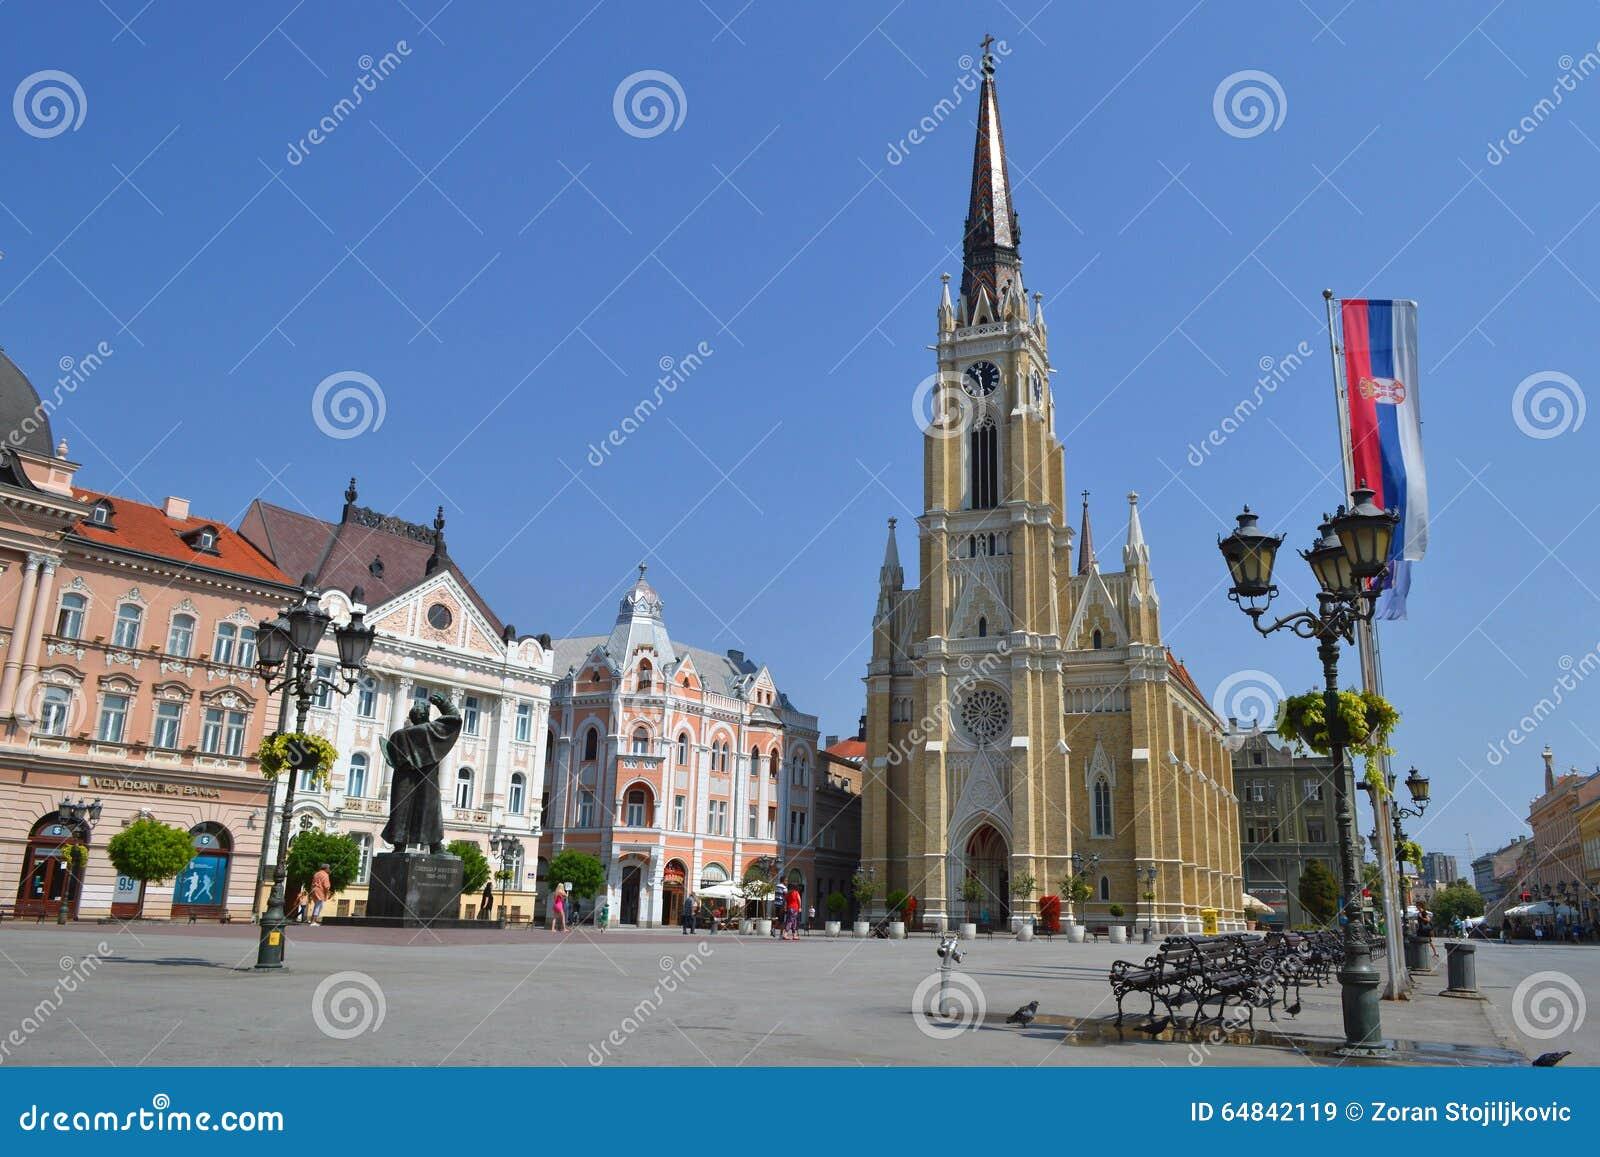 The Central Square in Novi Sad